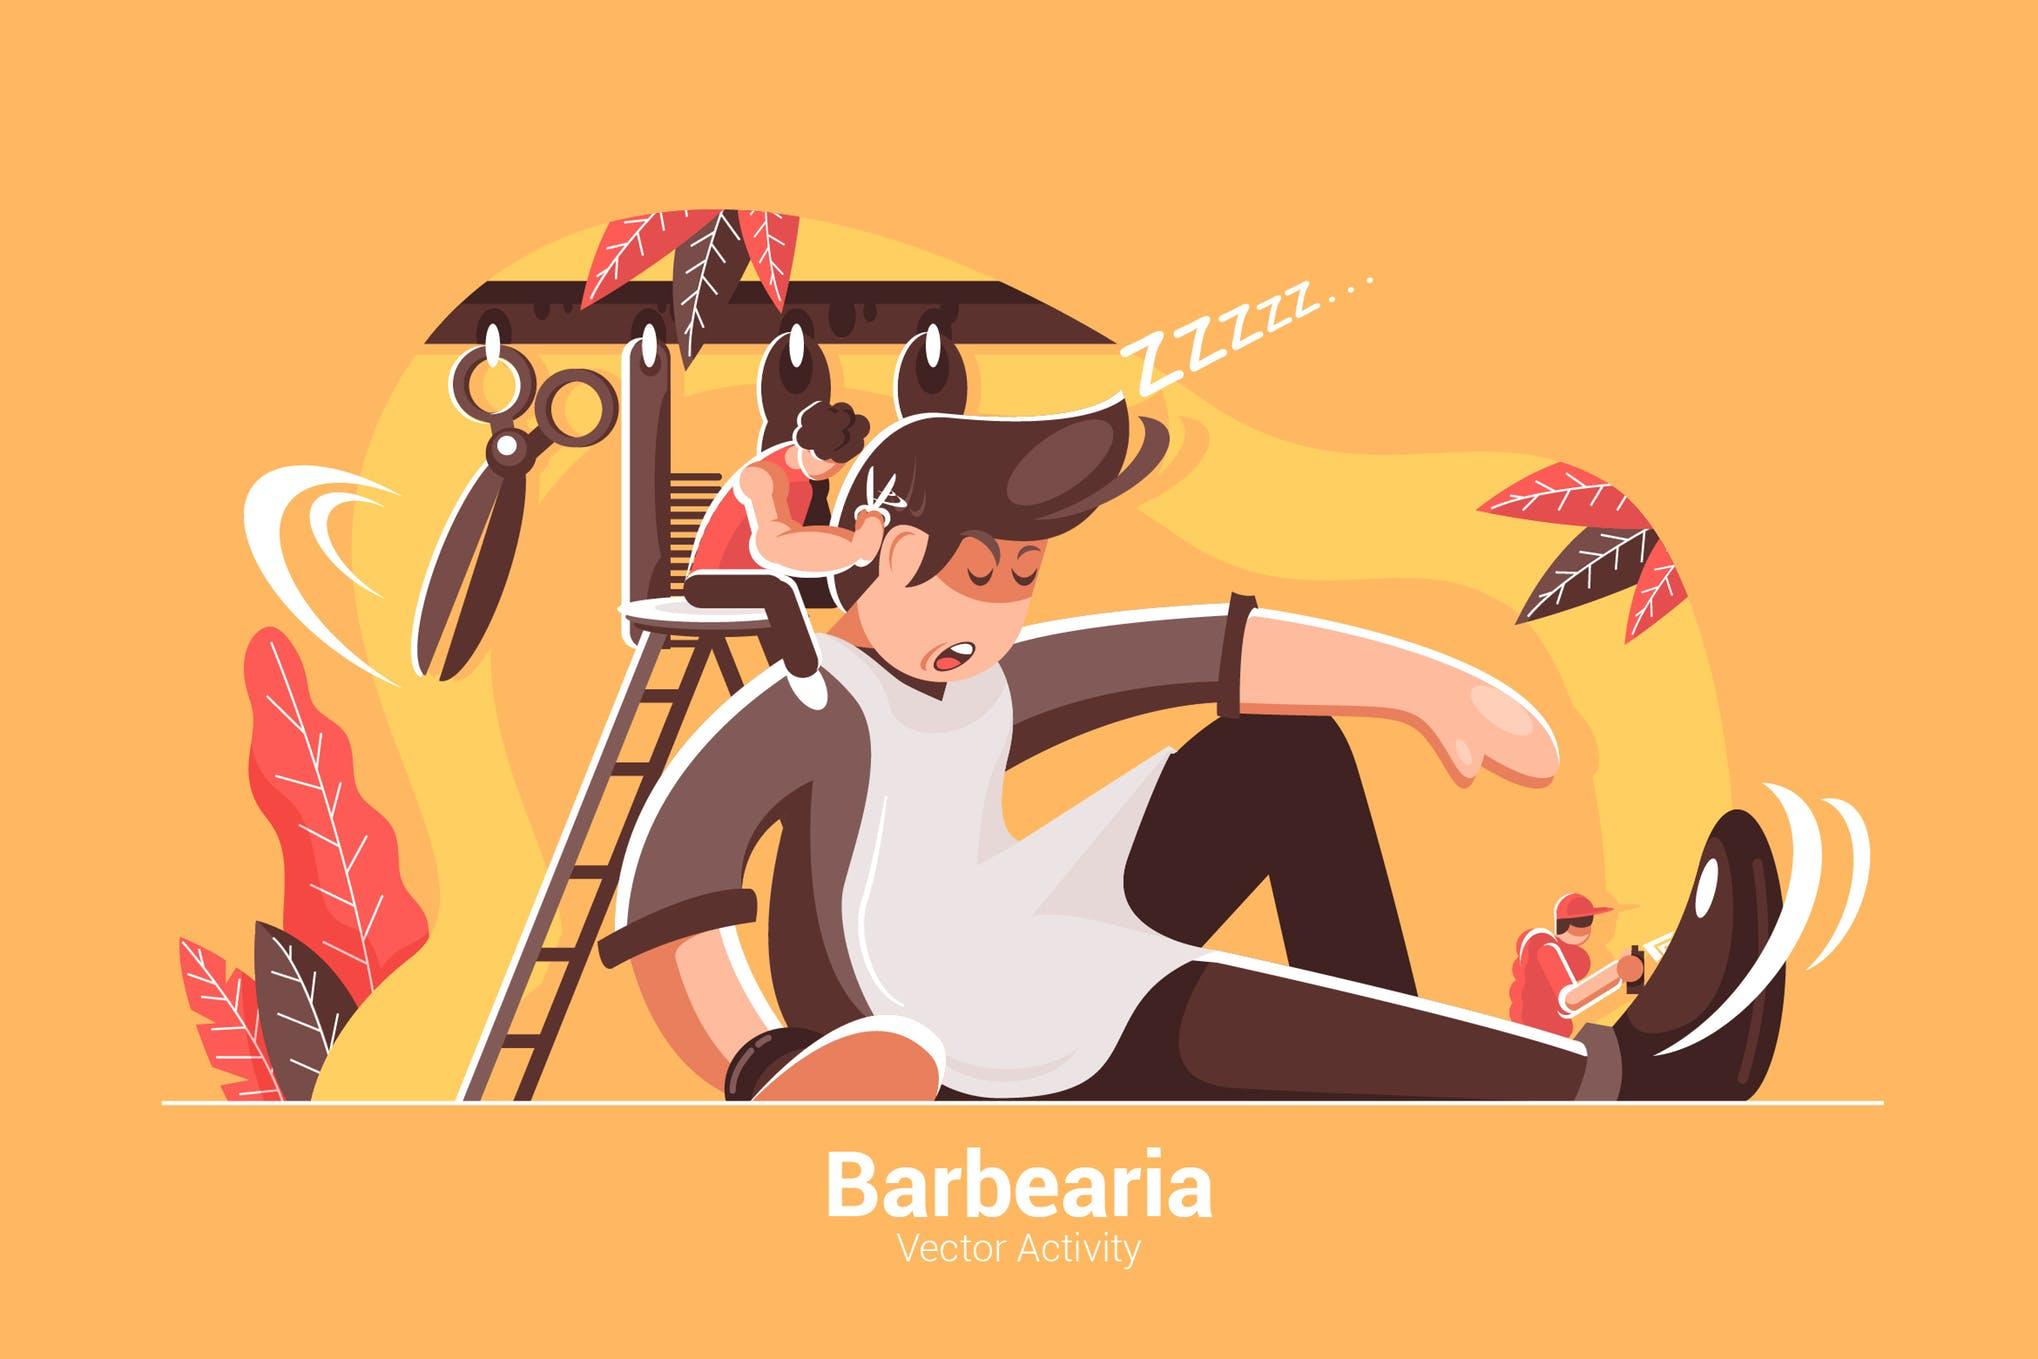 修饰场景素材插画模板素材下载Barbearia - Vector Illustration